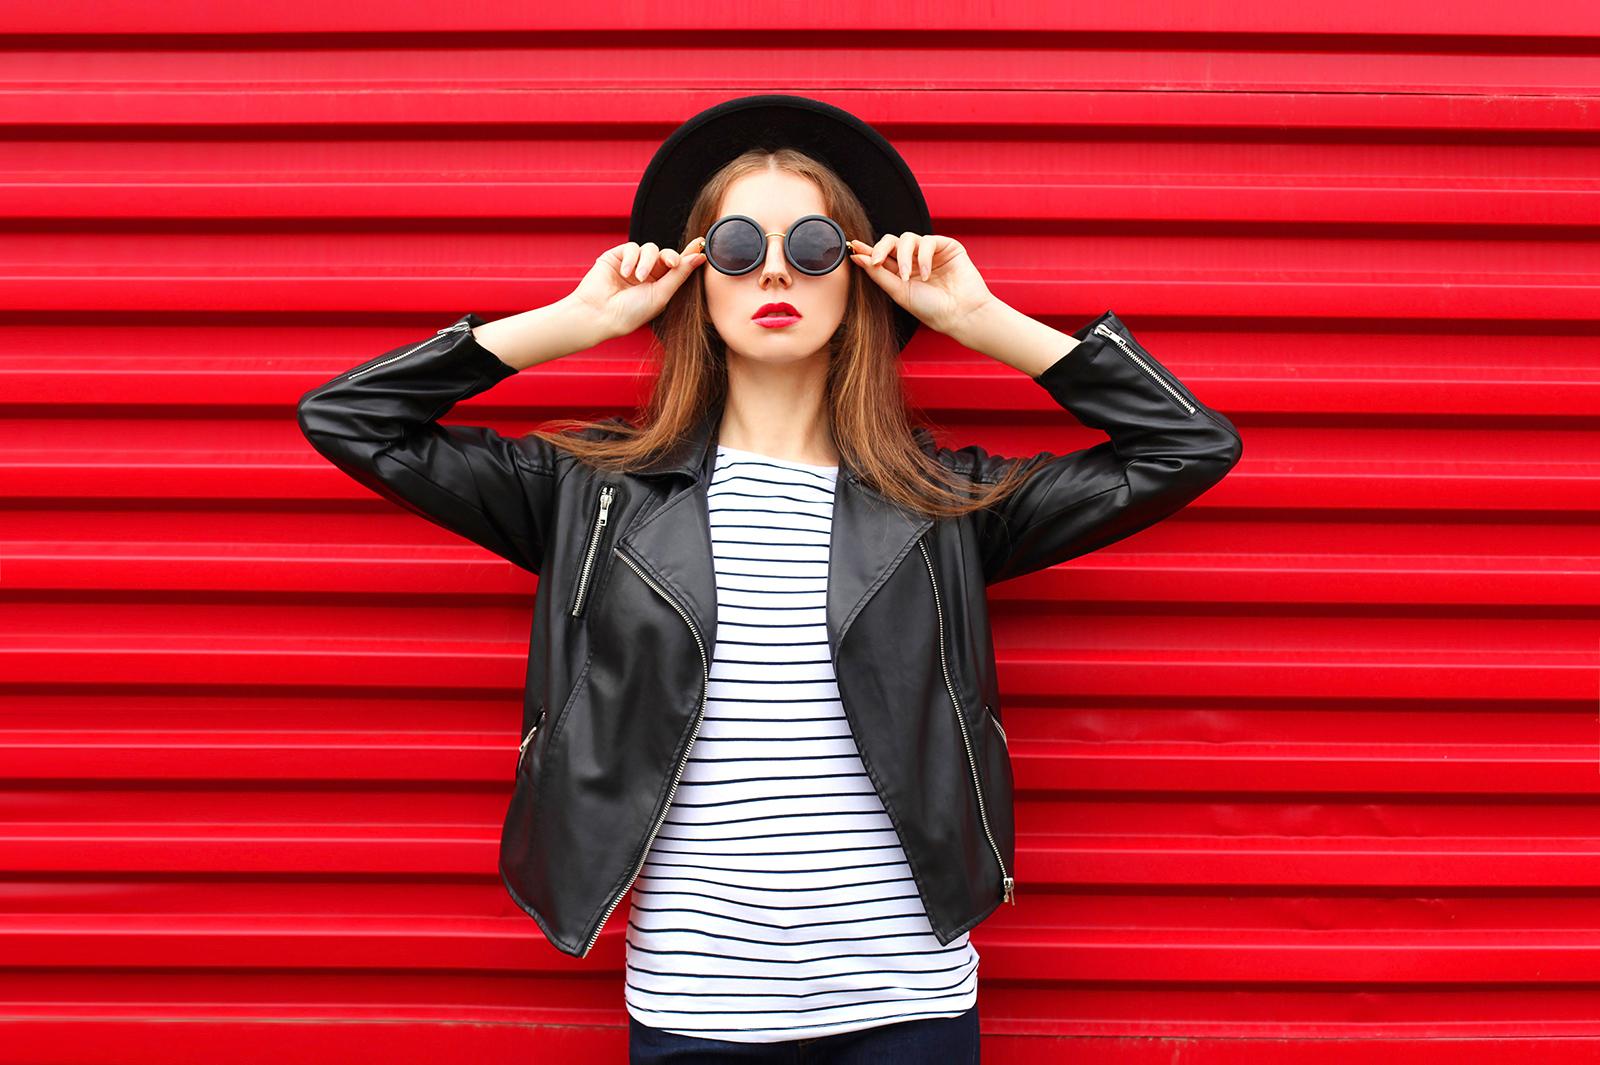 ジェンダーレスファッションとは?自分らしくおしゃれを楽しむために/Photo by Rohappy